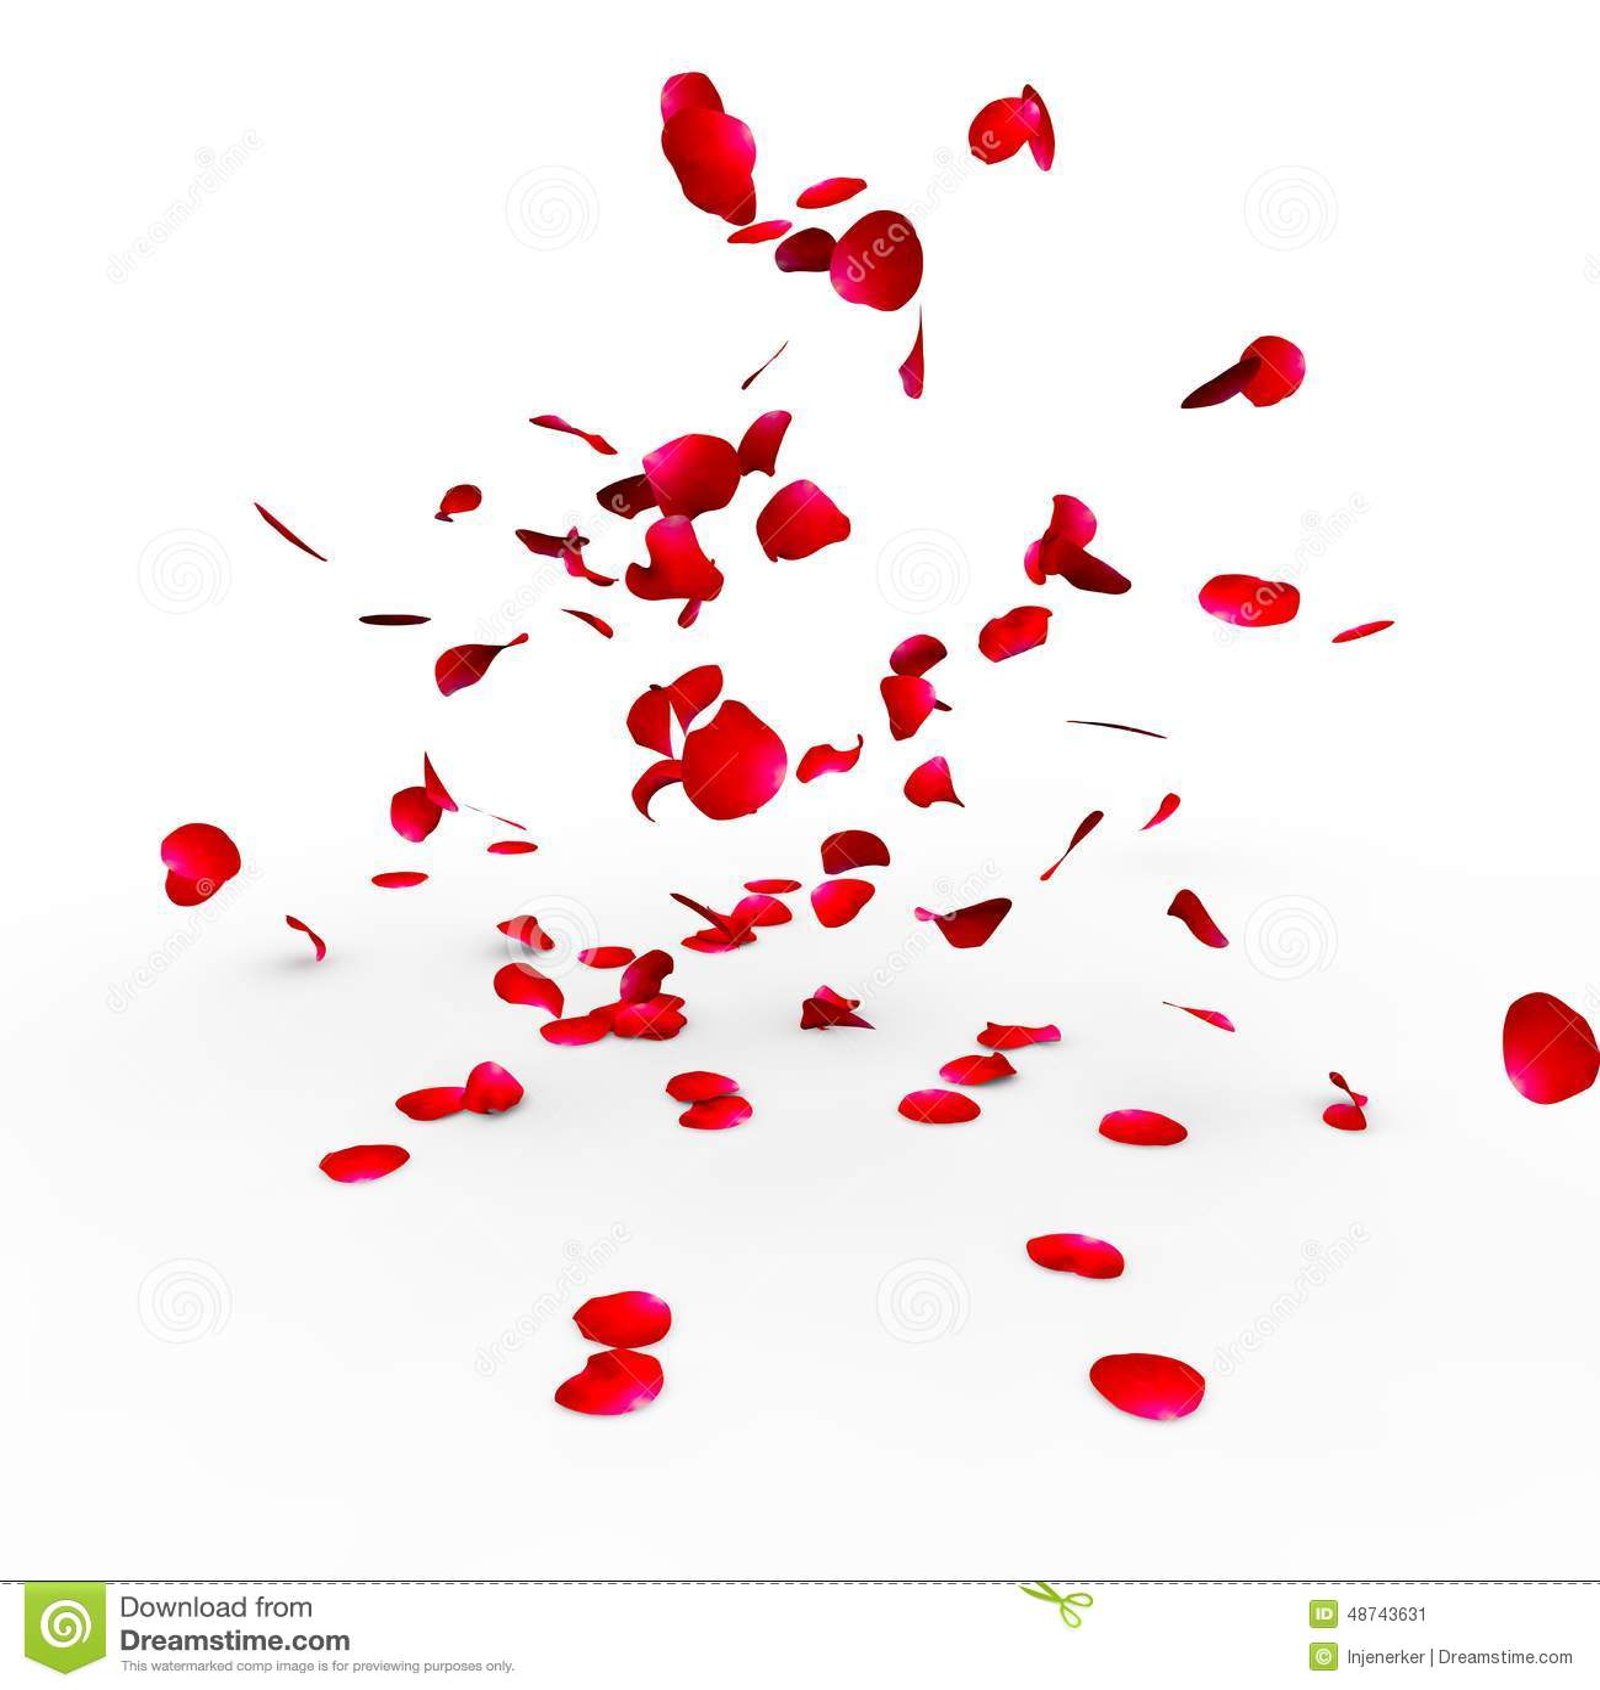 Rose Petals Falling Wallpaper Petali Di Rosa Che Cadono Su Una Superficie Illustrazione